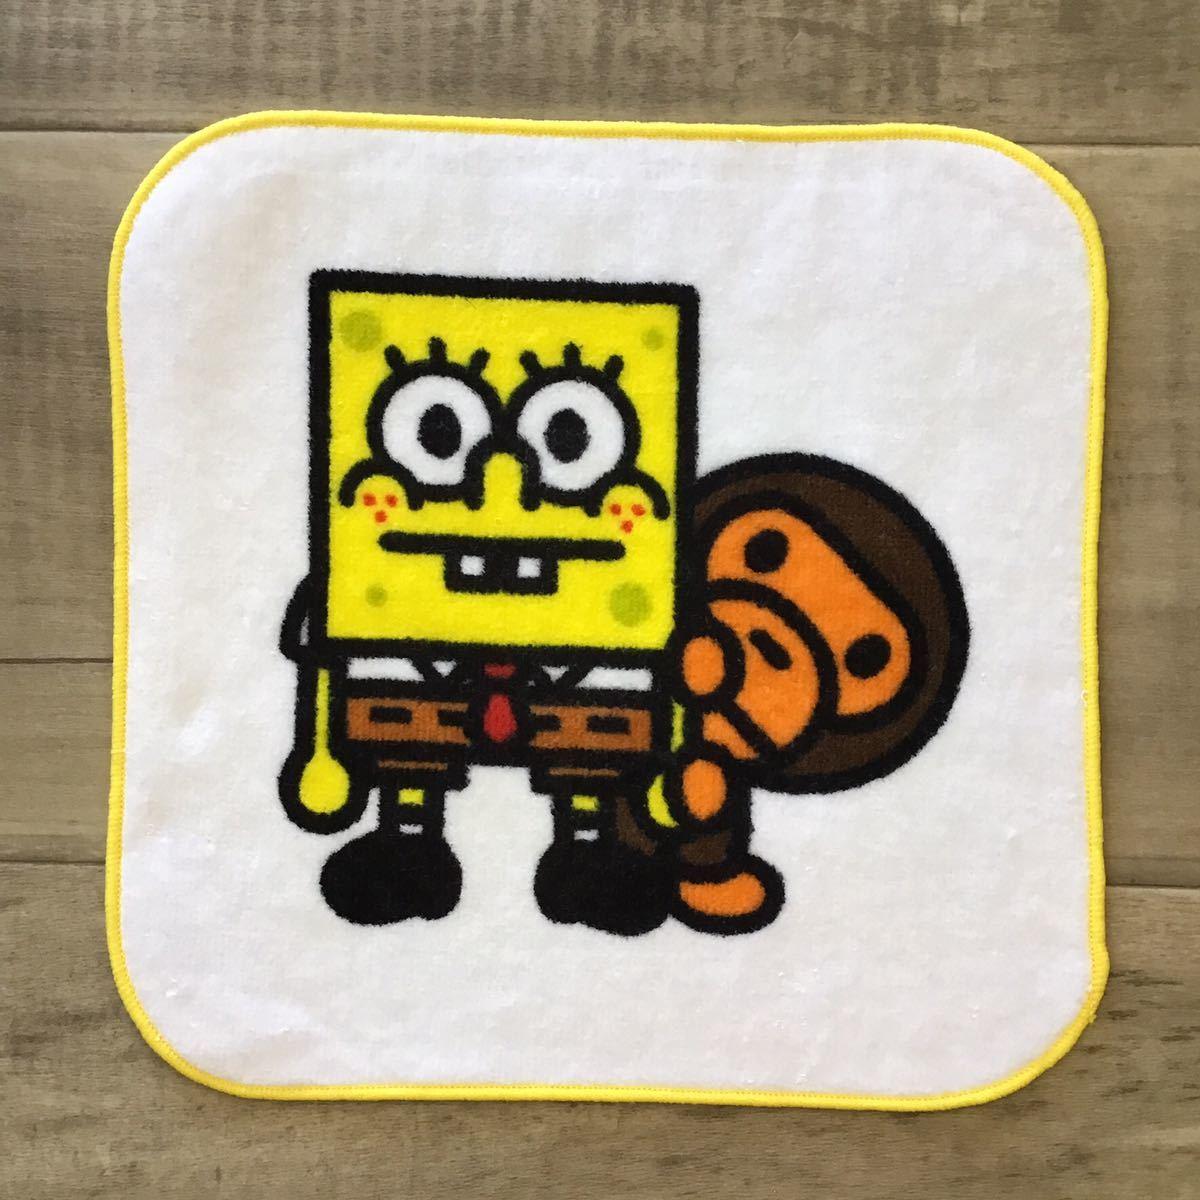 ★新品★ スポンジボブ × BAPE マイロ ハンド タオル a bathing ape baby milo sponge bob エイプ ベイプ アベイシングエイプ towel 325